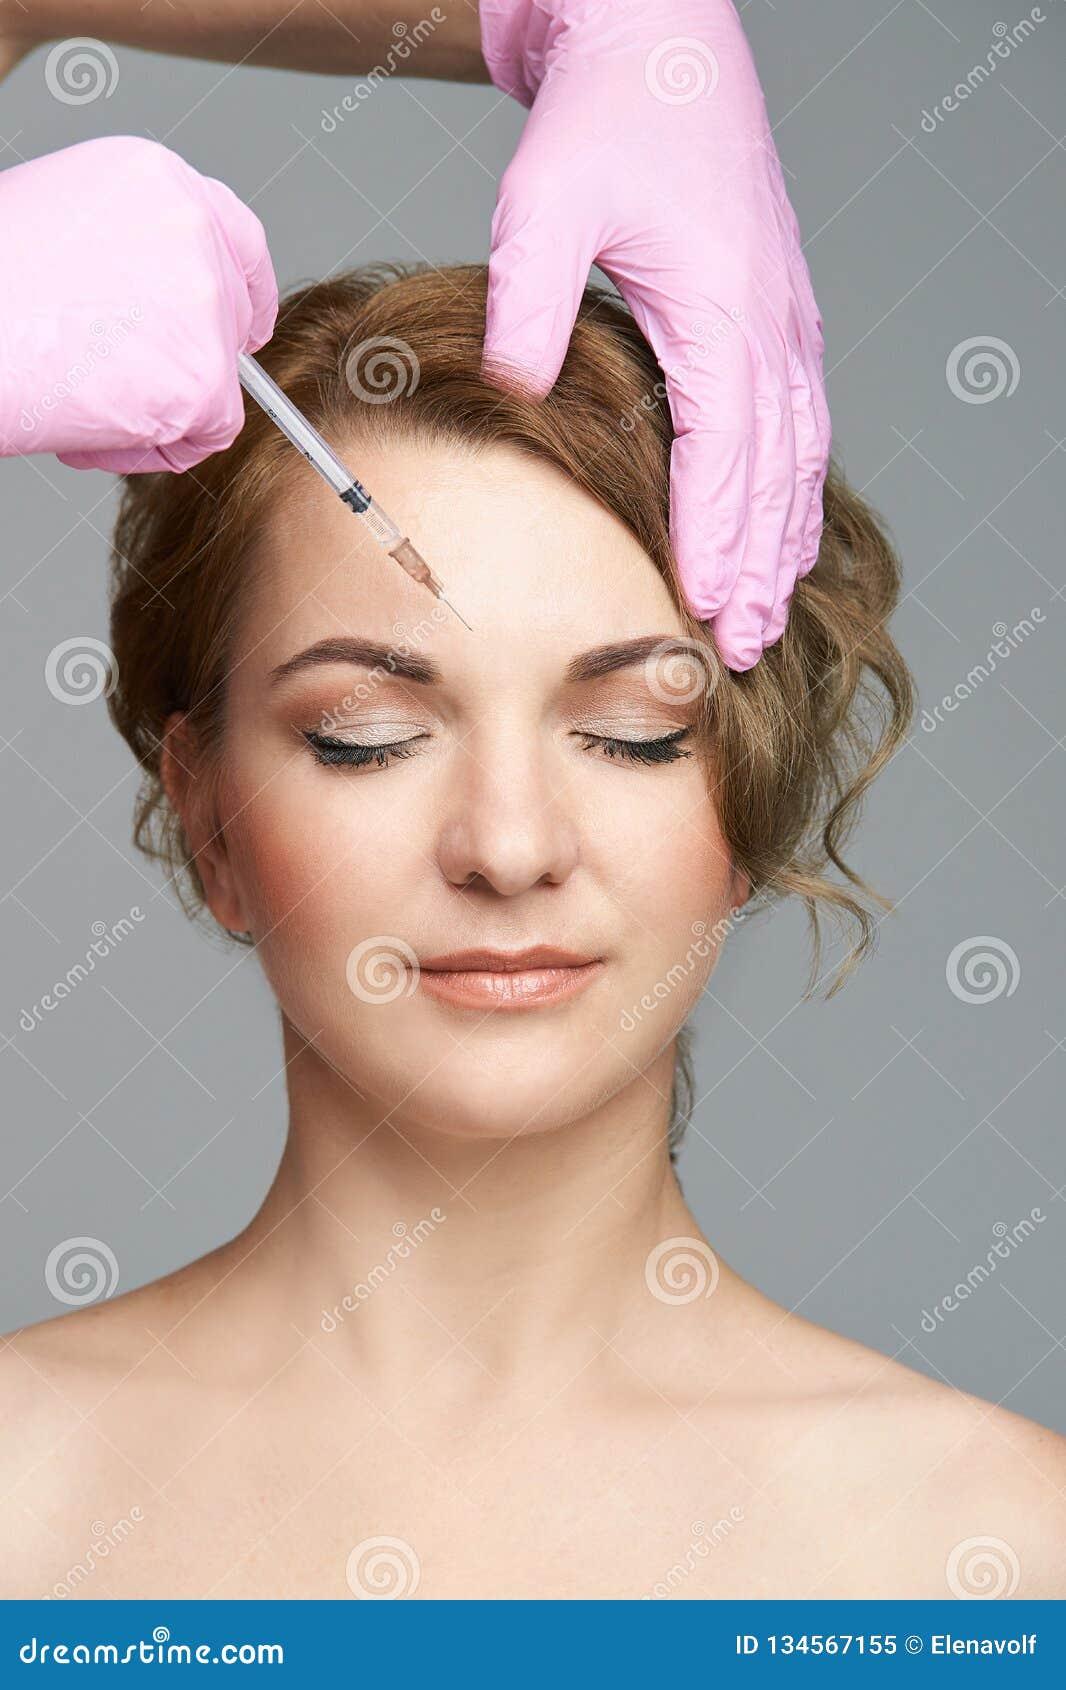 Gesichtsnadeleinspritzung Verfahren junge Frau Cosmetology Doktorhandschuhe